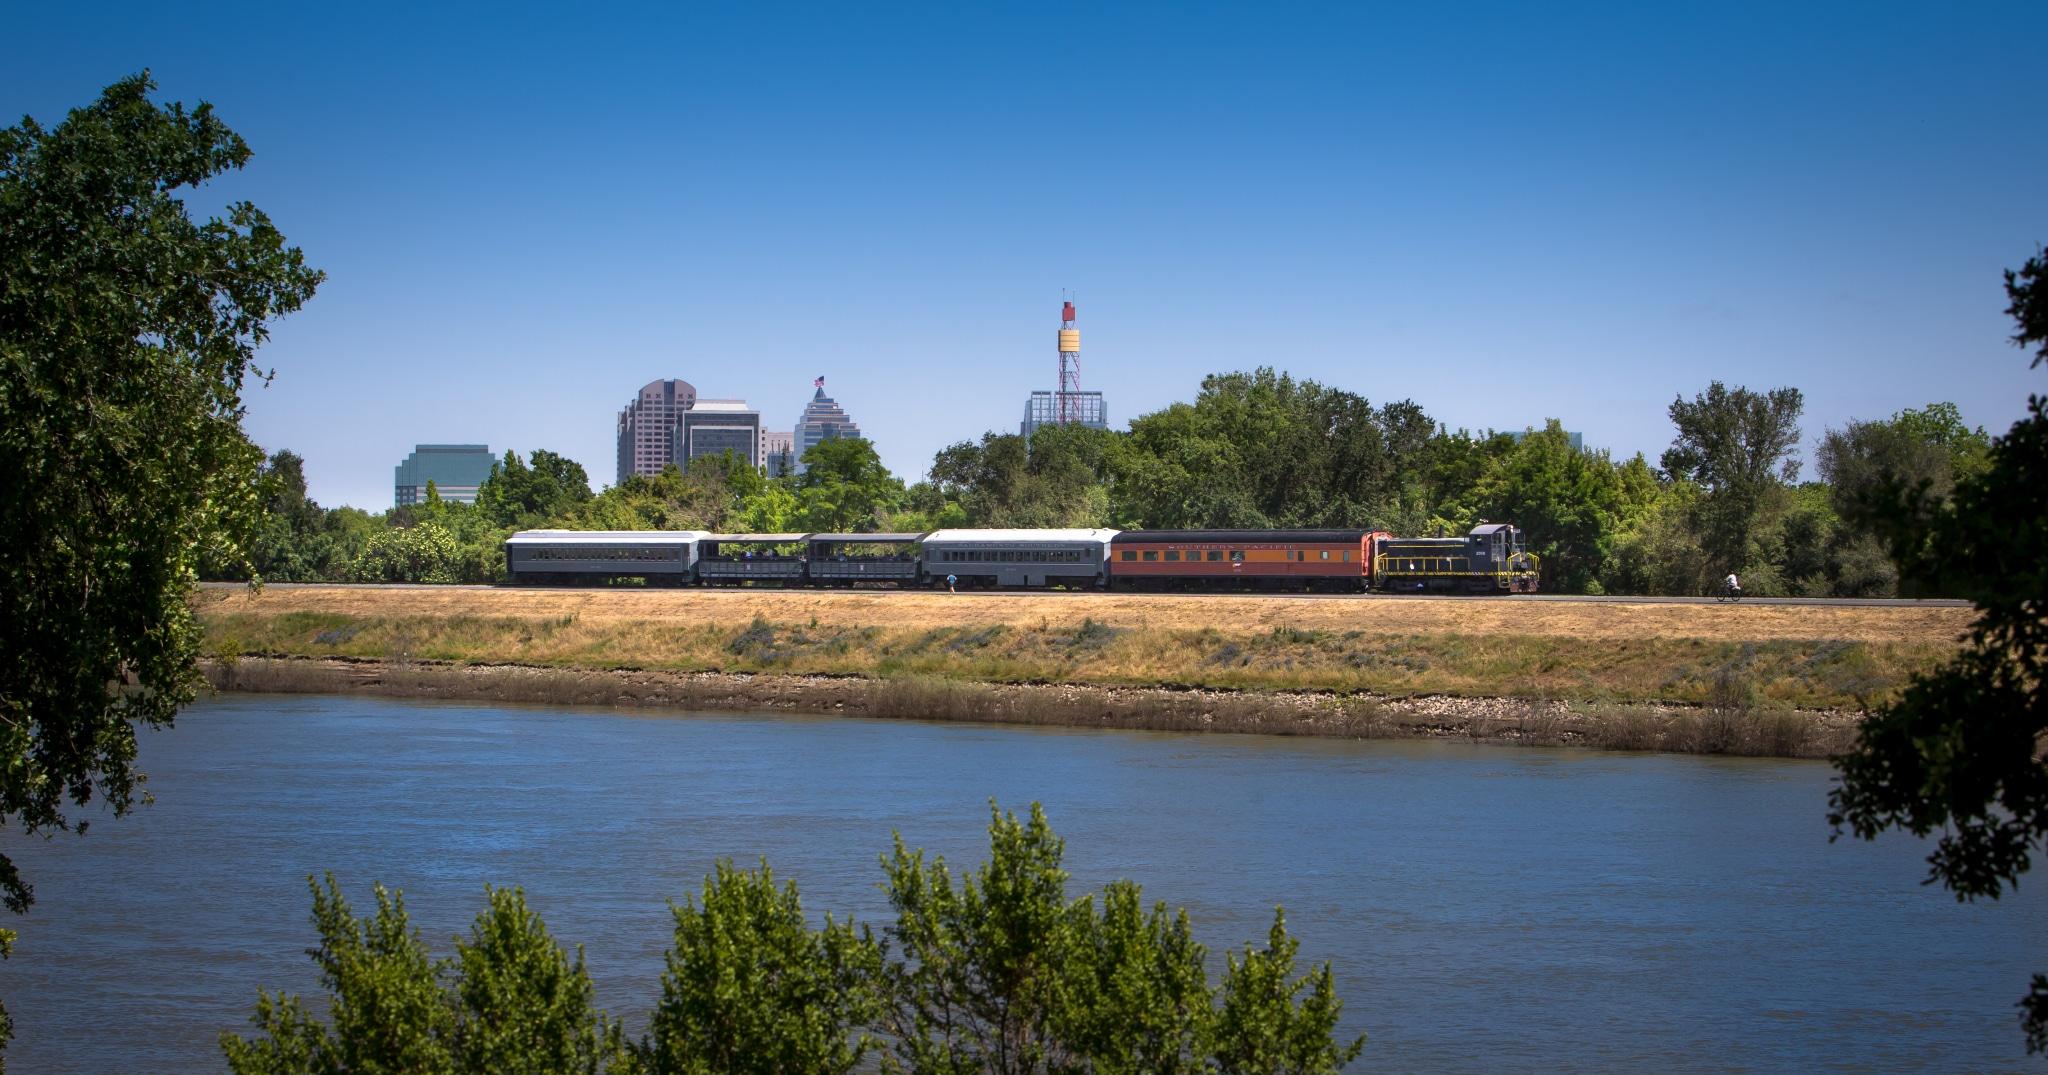 Weekend Excursion Train Rides Resume on the Sacramento Southern Railroad via @sacramentopress